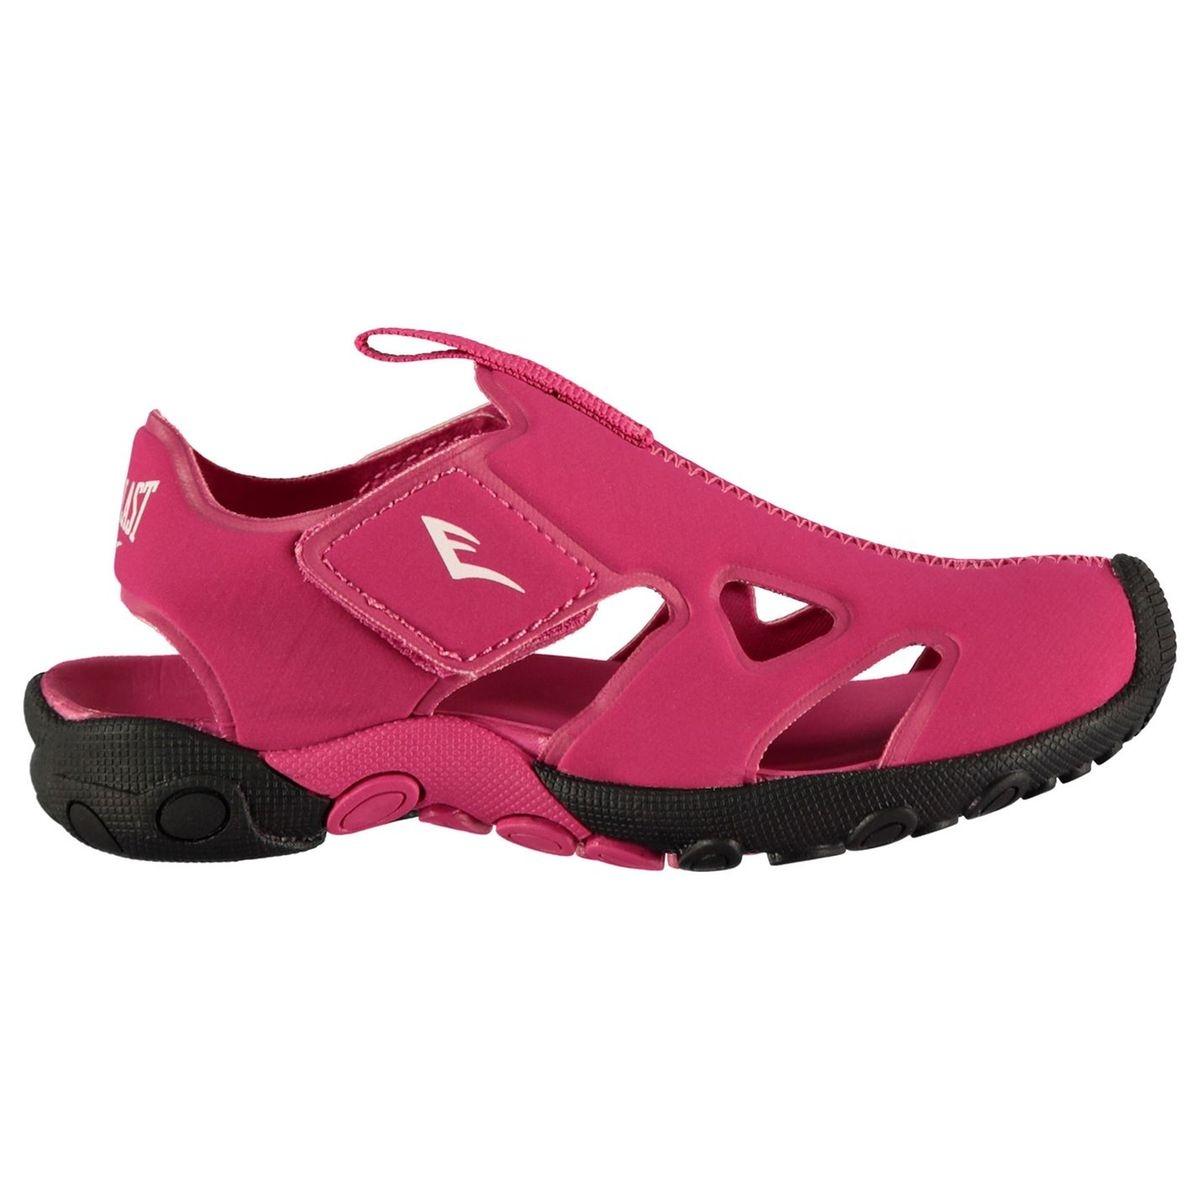 Sandales de sport Shodan